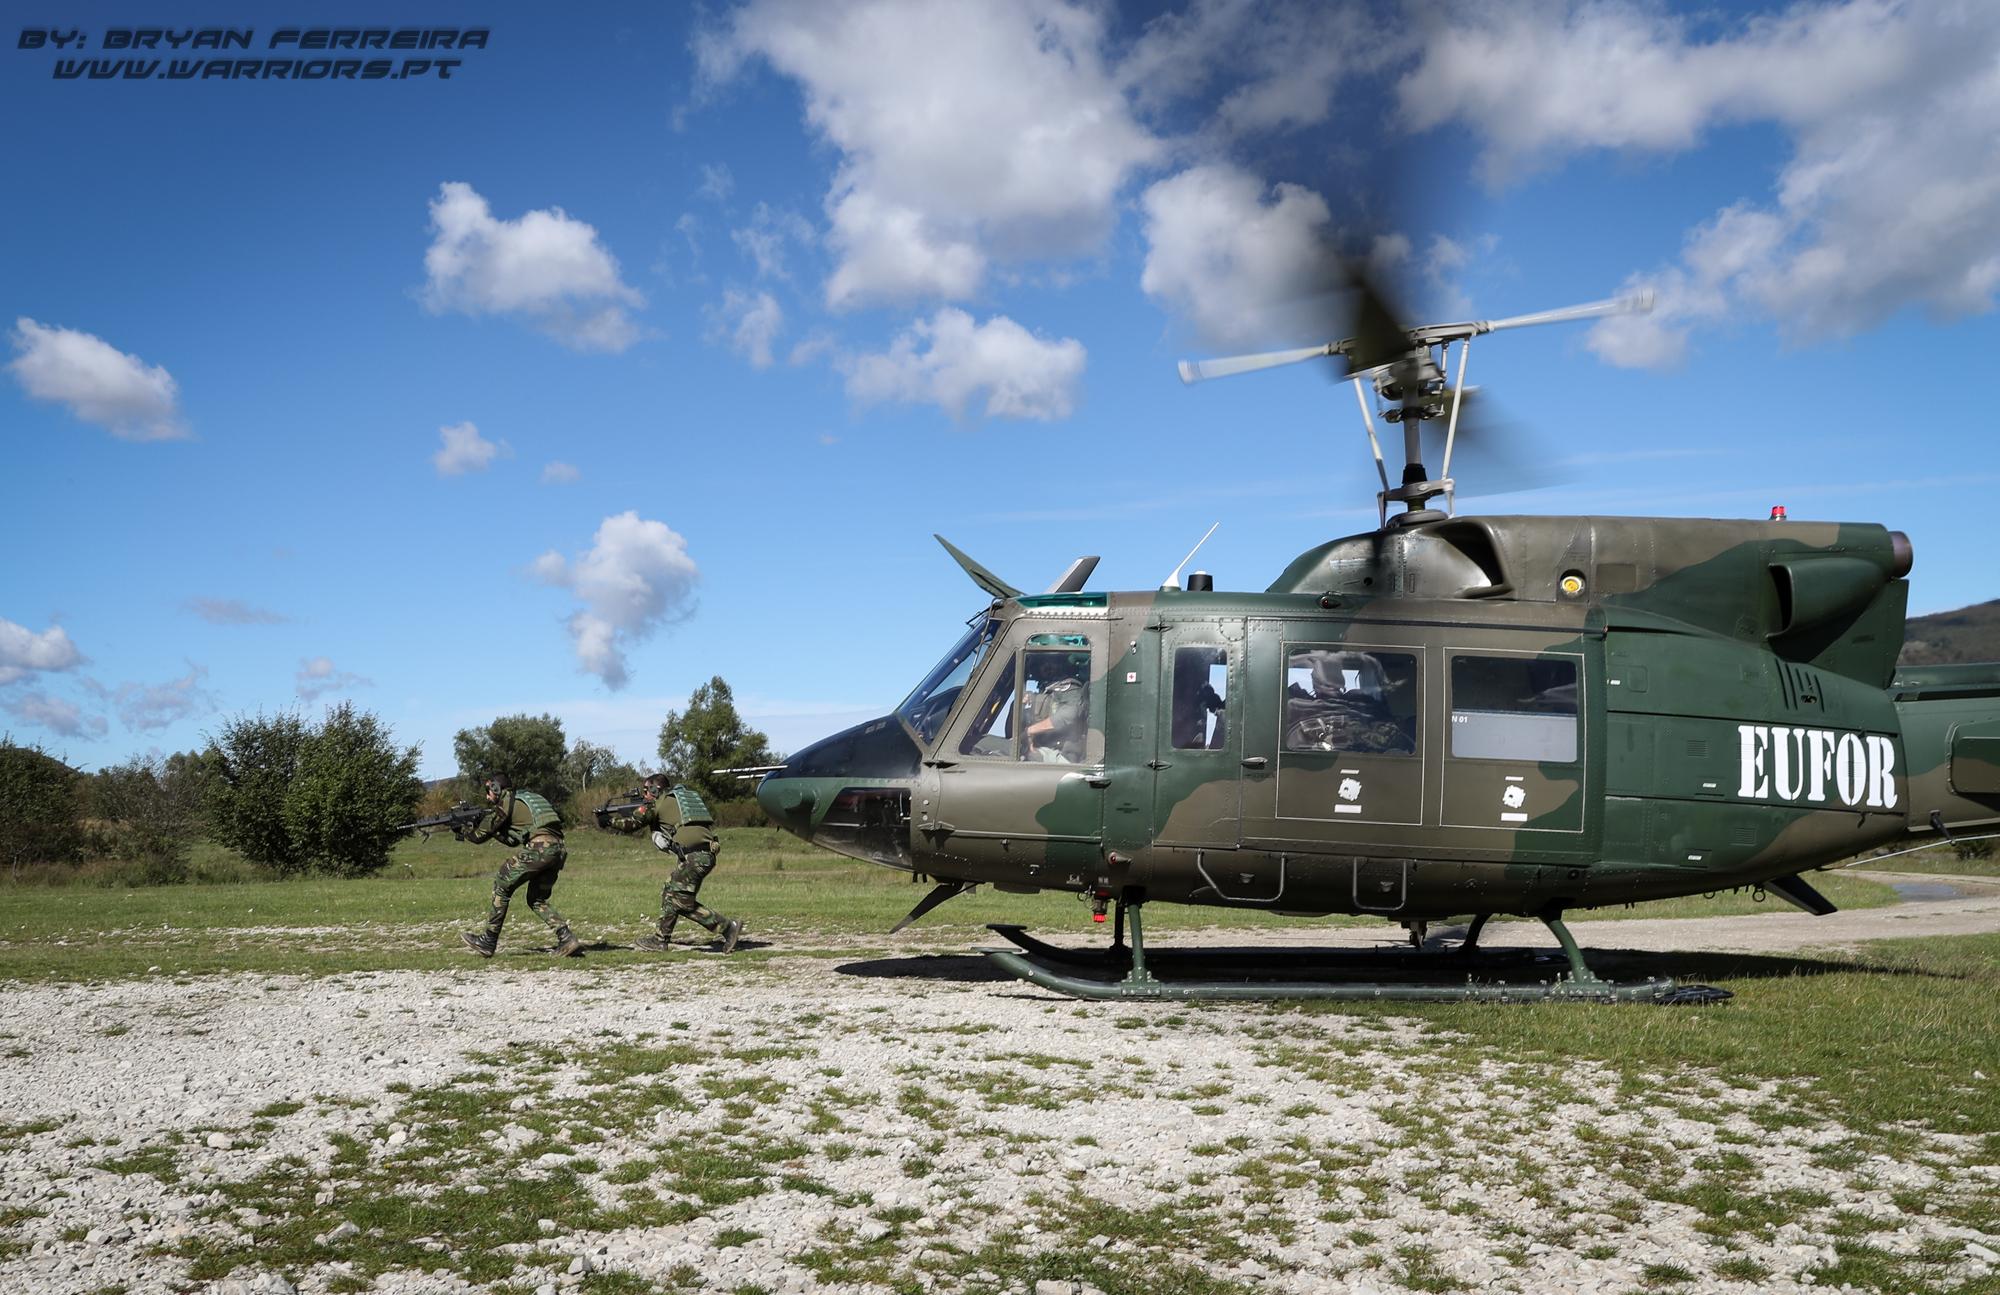 Elementos de Operações Especiais do Exercito Português executam uma missão de interdição aérea com a ajuda de um Bell 212 Austriaco